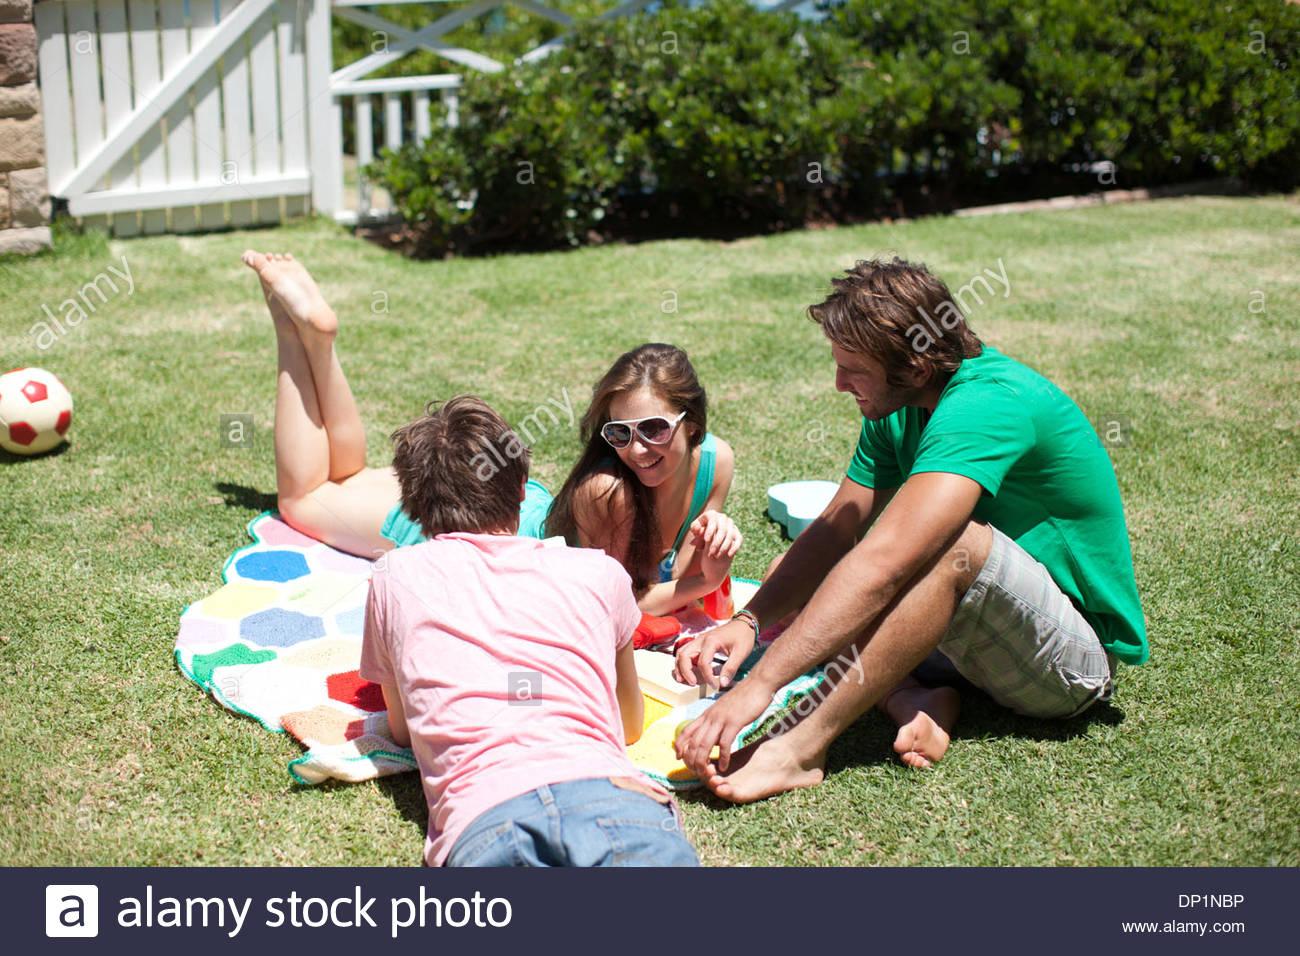 Amigos relajarse con bebidas y libros sobre una manta en el césped soleado Imagen De Stock